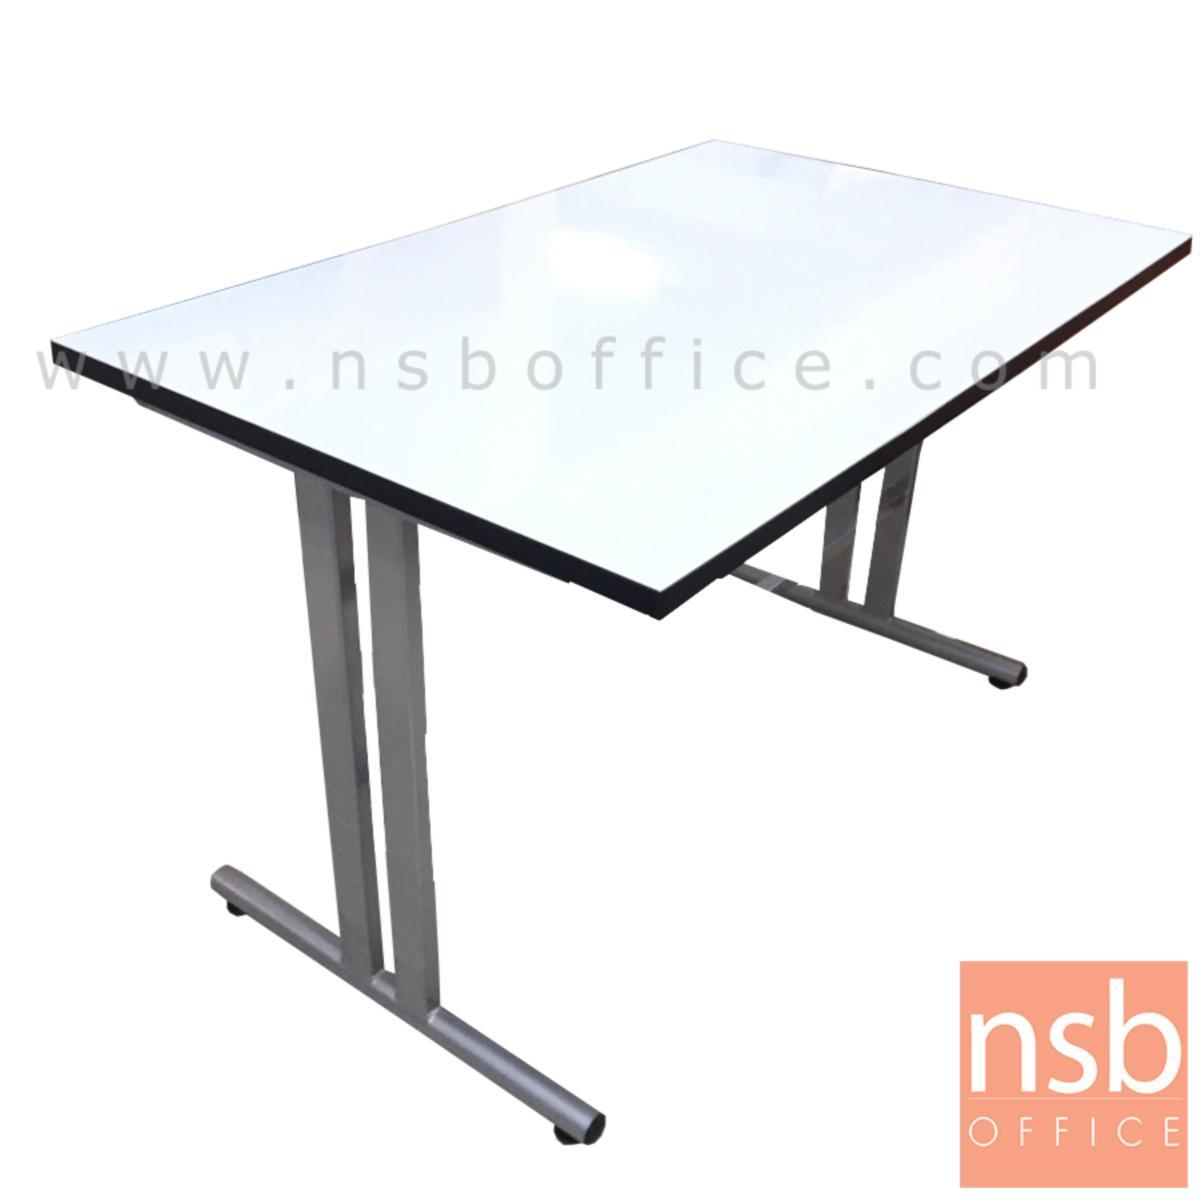 โต๊ะประชุมหน้าโฟเมก้าขาว รุ่น thatch (แธช)  โครงขาถอดประกอบได้